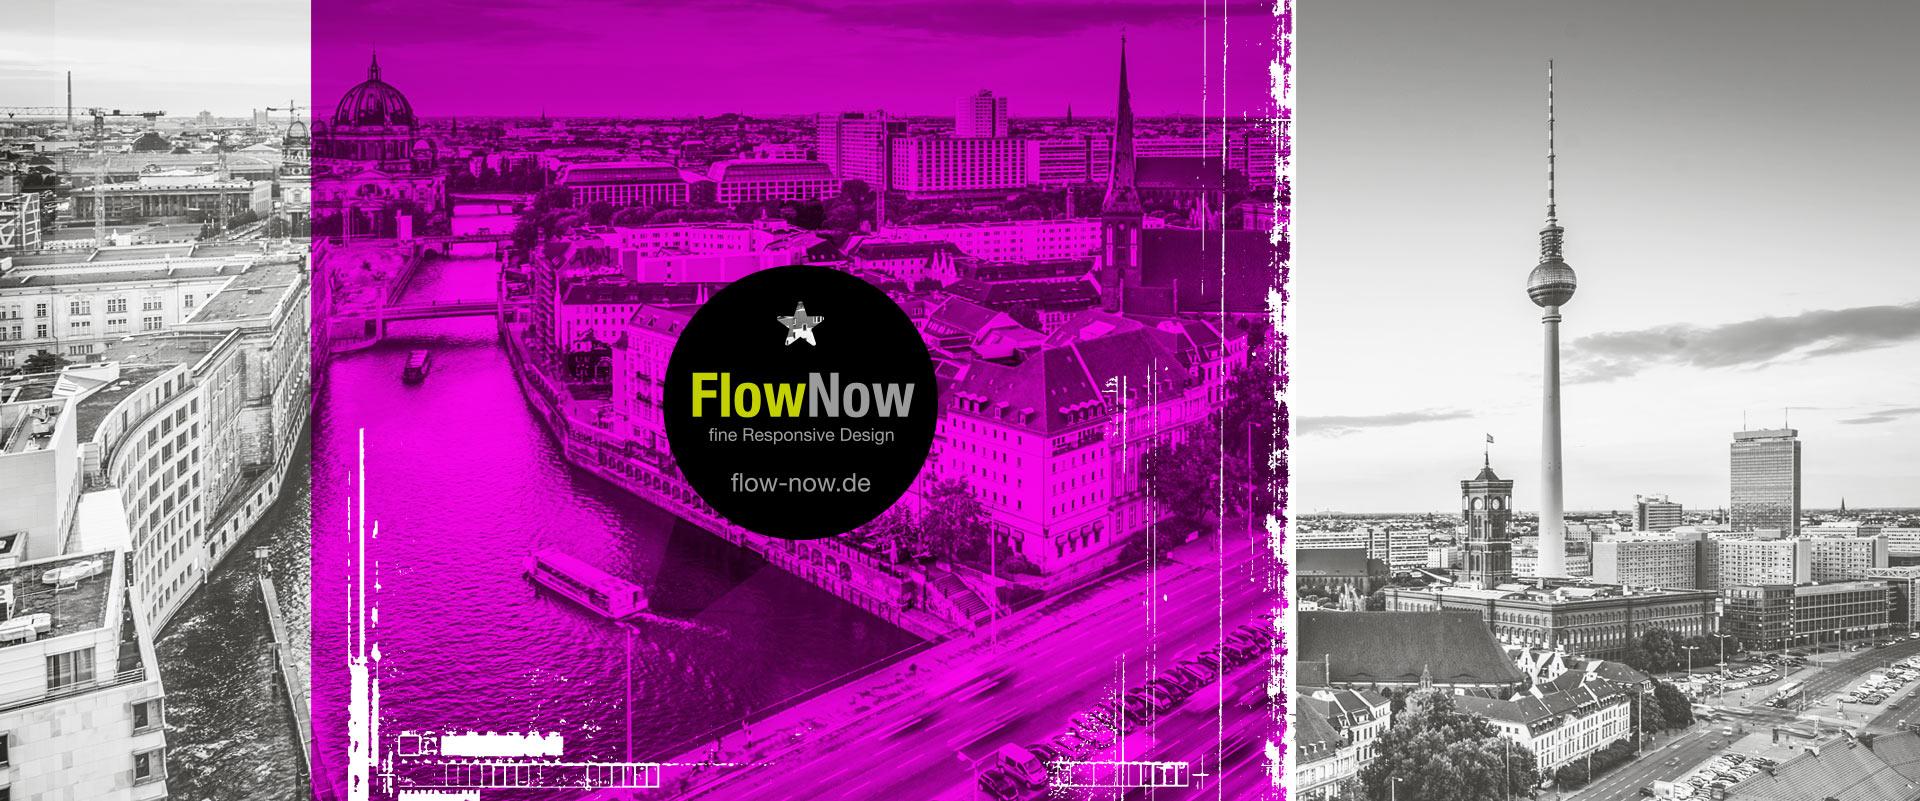 flow-now Headbild